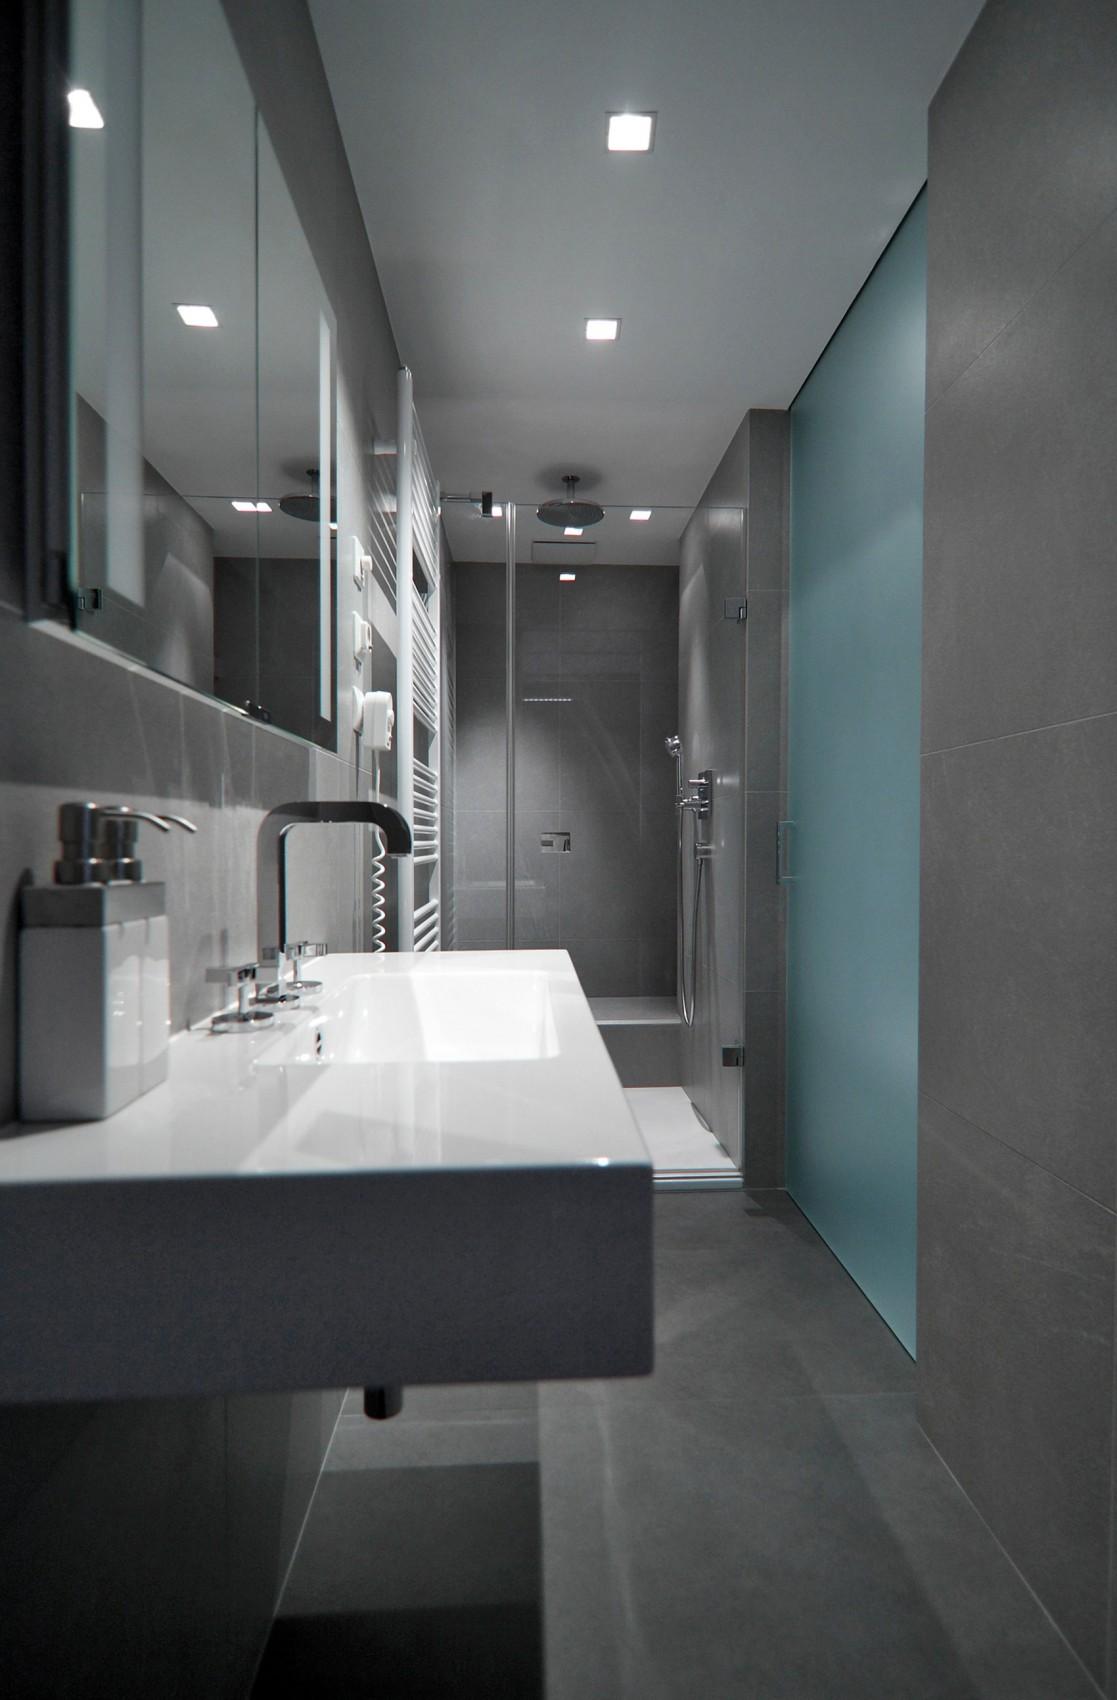 105152baoxaydung image015 Chiêm ngưỡng căn hộ hiện đại với hệ thống chiếu sáng bằng đèn LED